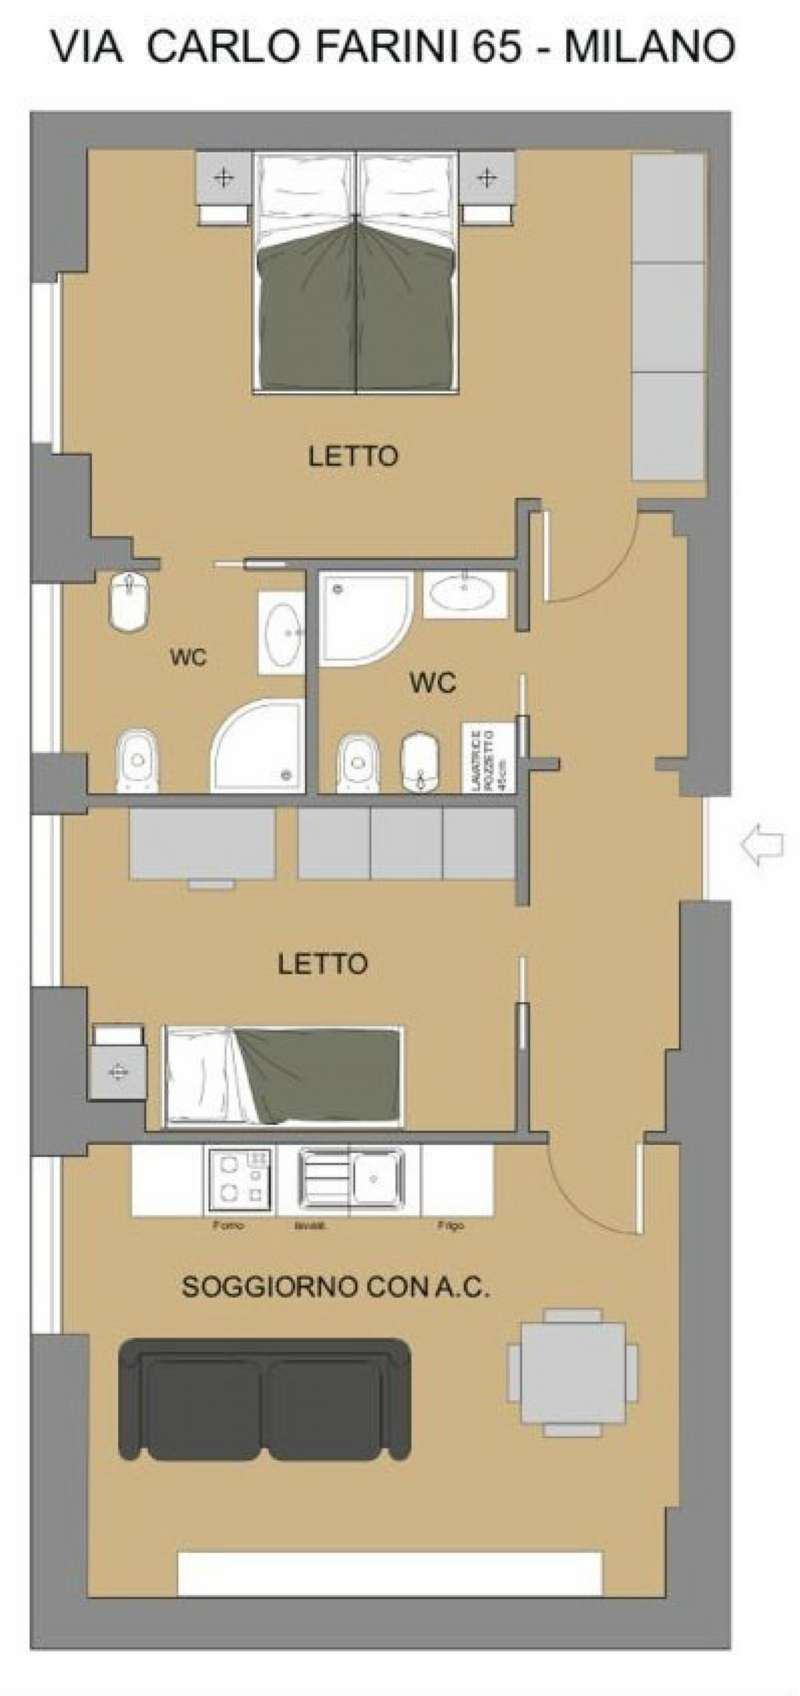 Appartamento in vendita 3 vani 75 mq.  via Farini 65 Milano